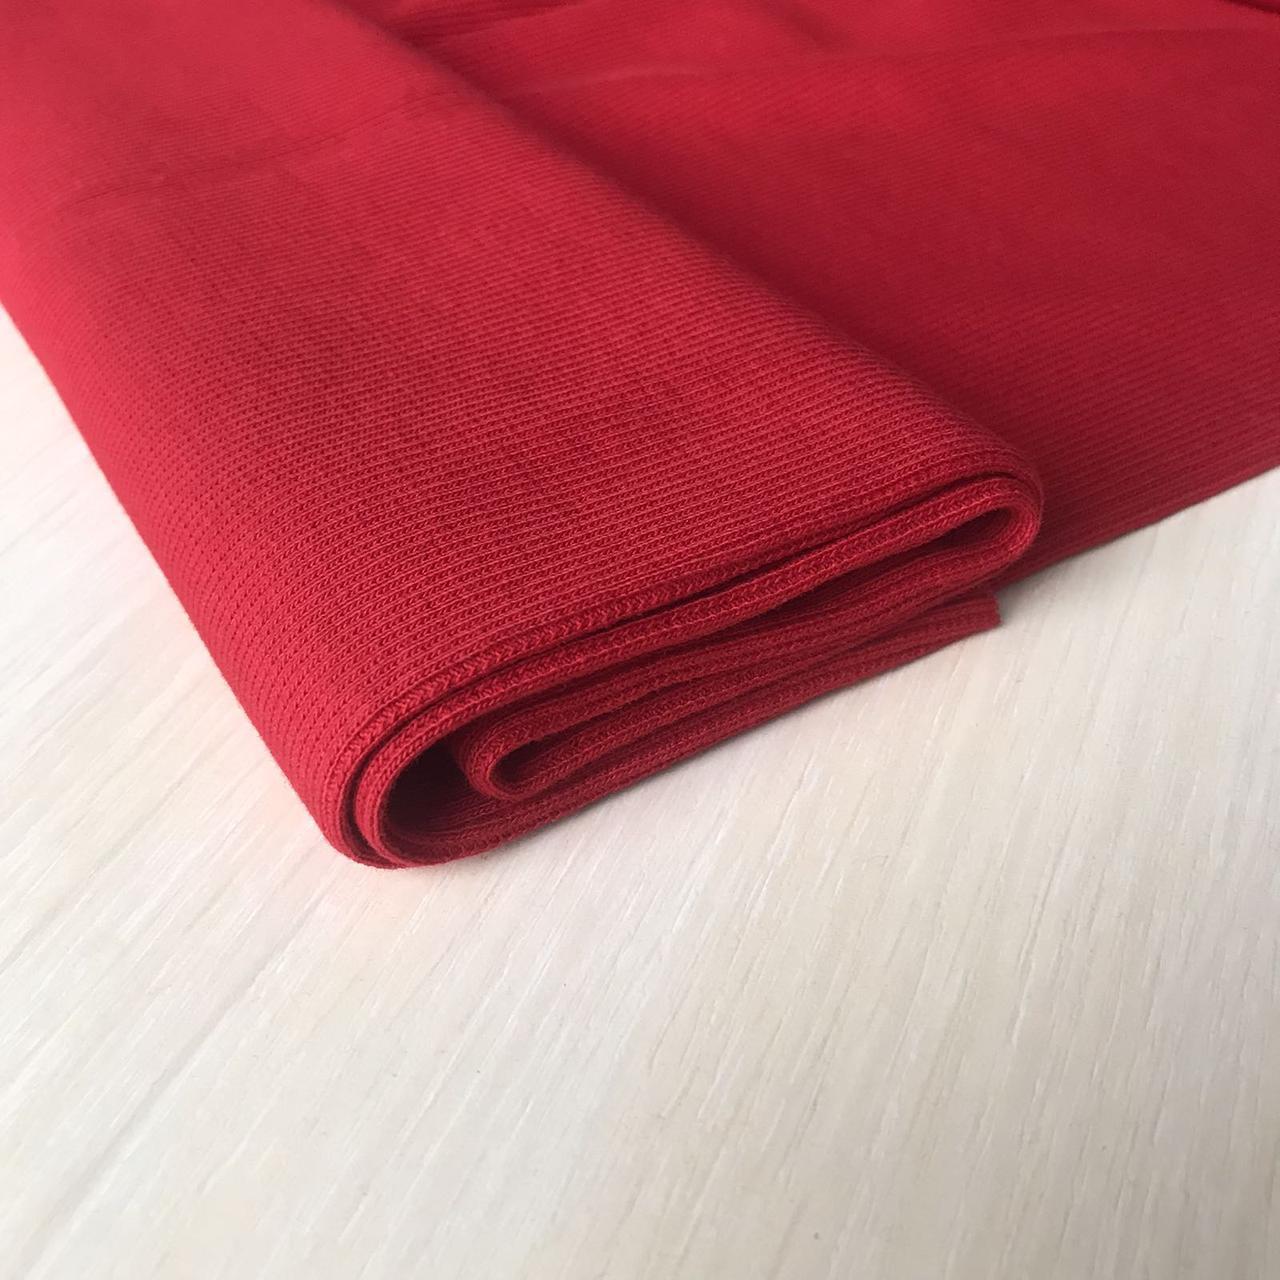 Трикотаж кашкорсе Красный, чулок 60см.